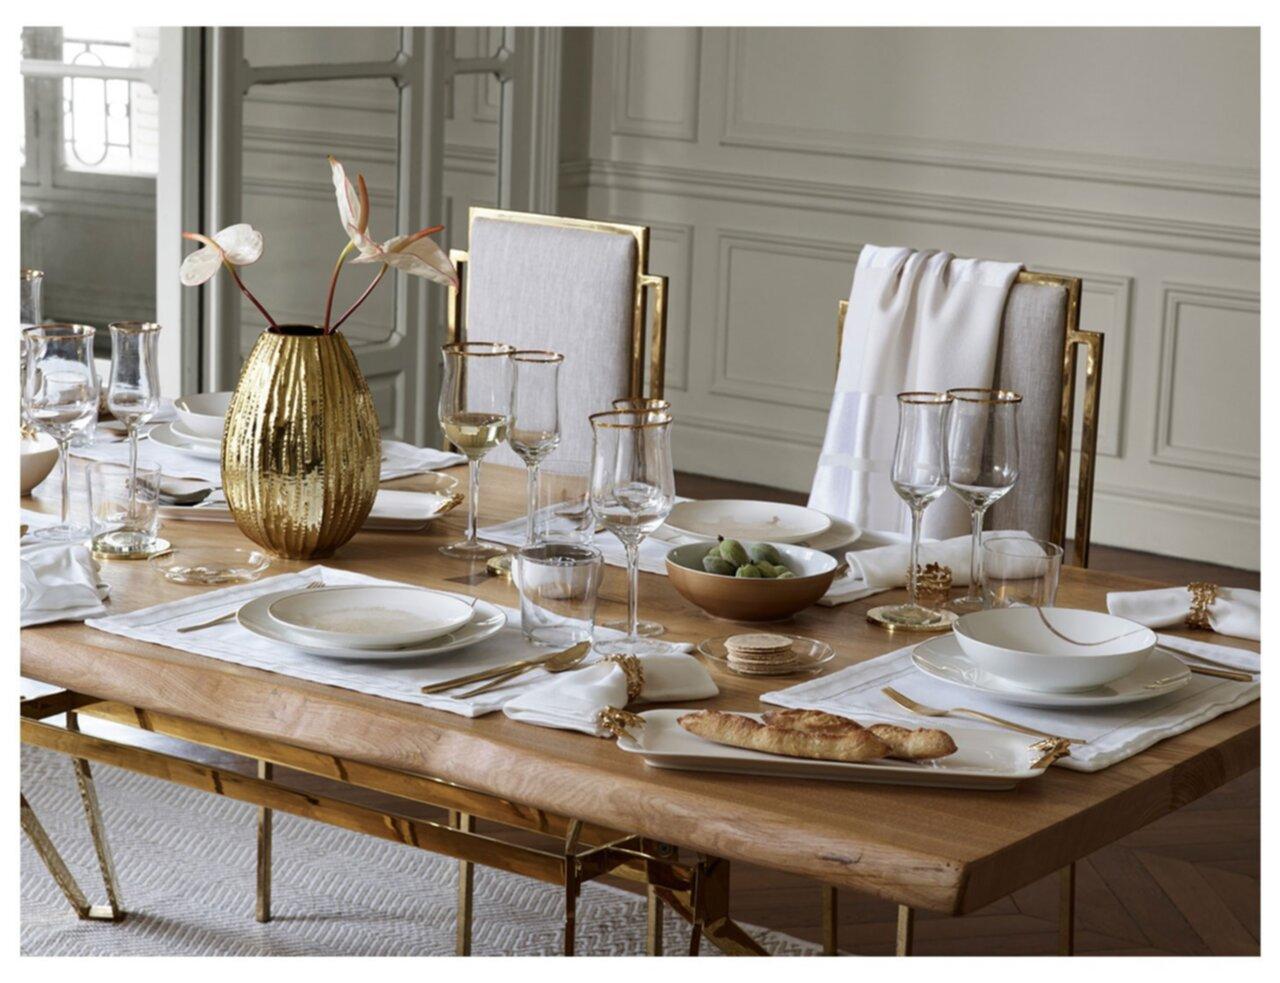 Två bilder från Zara Home´s höstkollektion. Älskar glas med guldkant! Har  redan lagt till det på min Önskelista till jul  ) b6b6dabf544e6